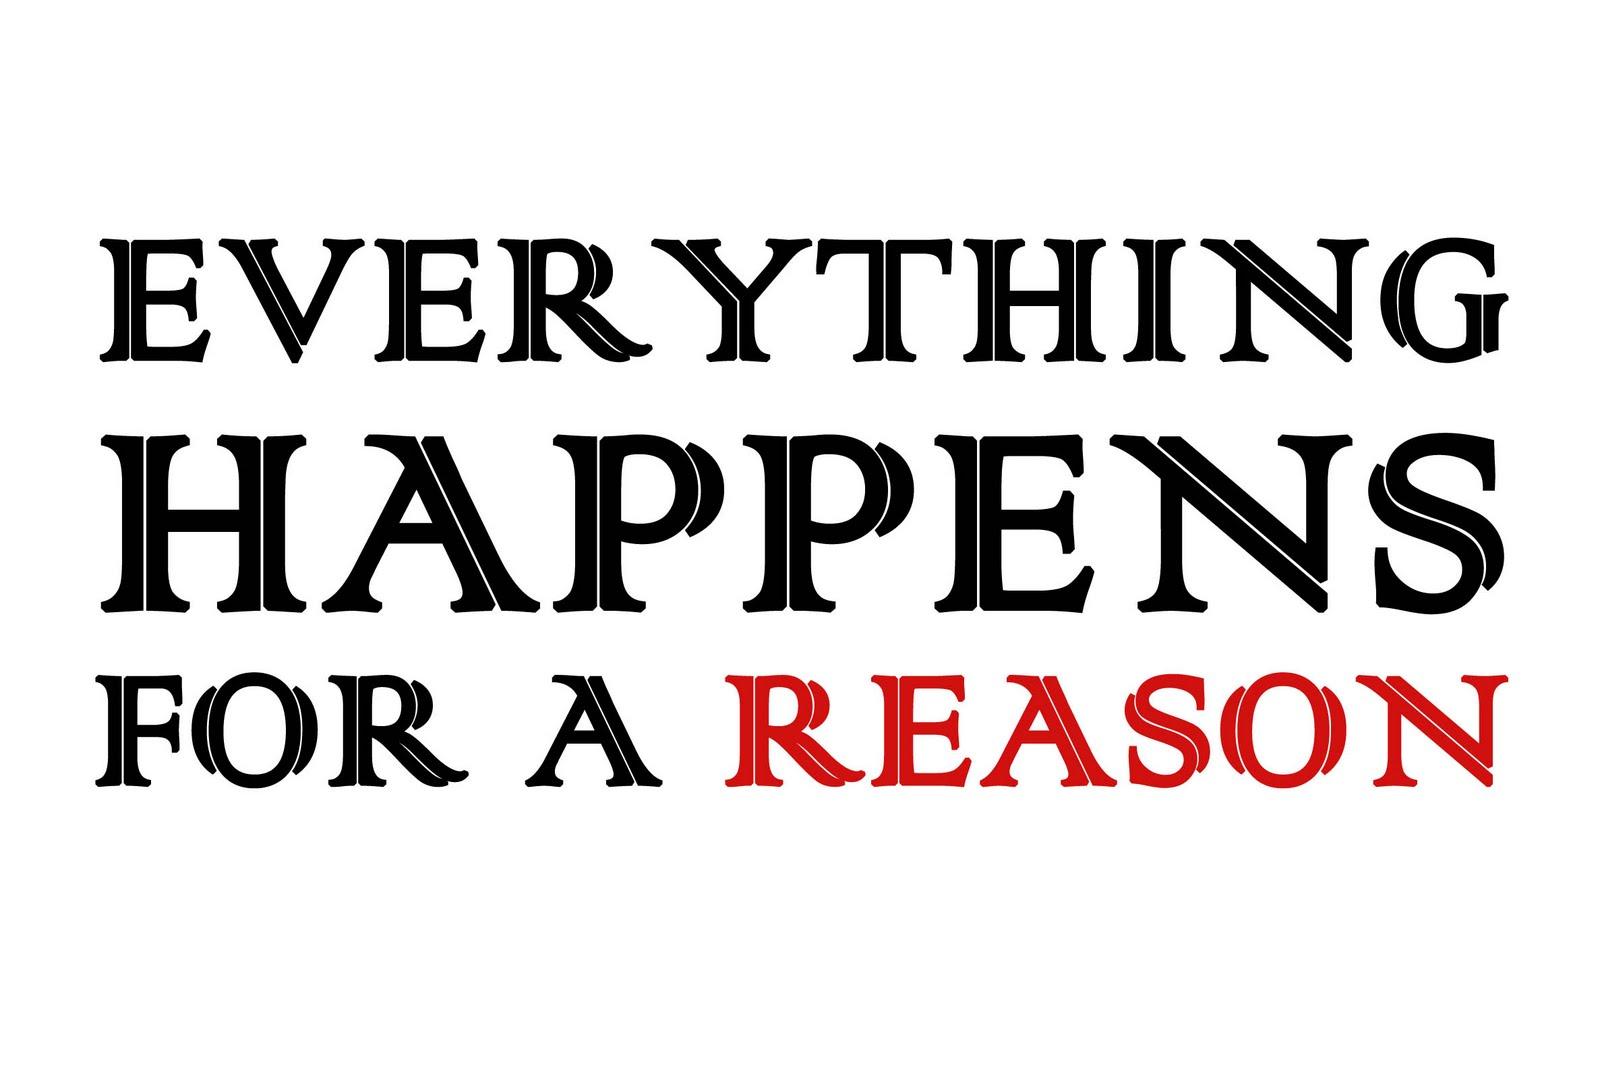 http://1.bp.blogspot.com/-0fYiNLmiIfI/TVt02dCq-UI/AAAAAAAAD9g/JsDS4Q0RQ3M/s1600/Reason.jpg